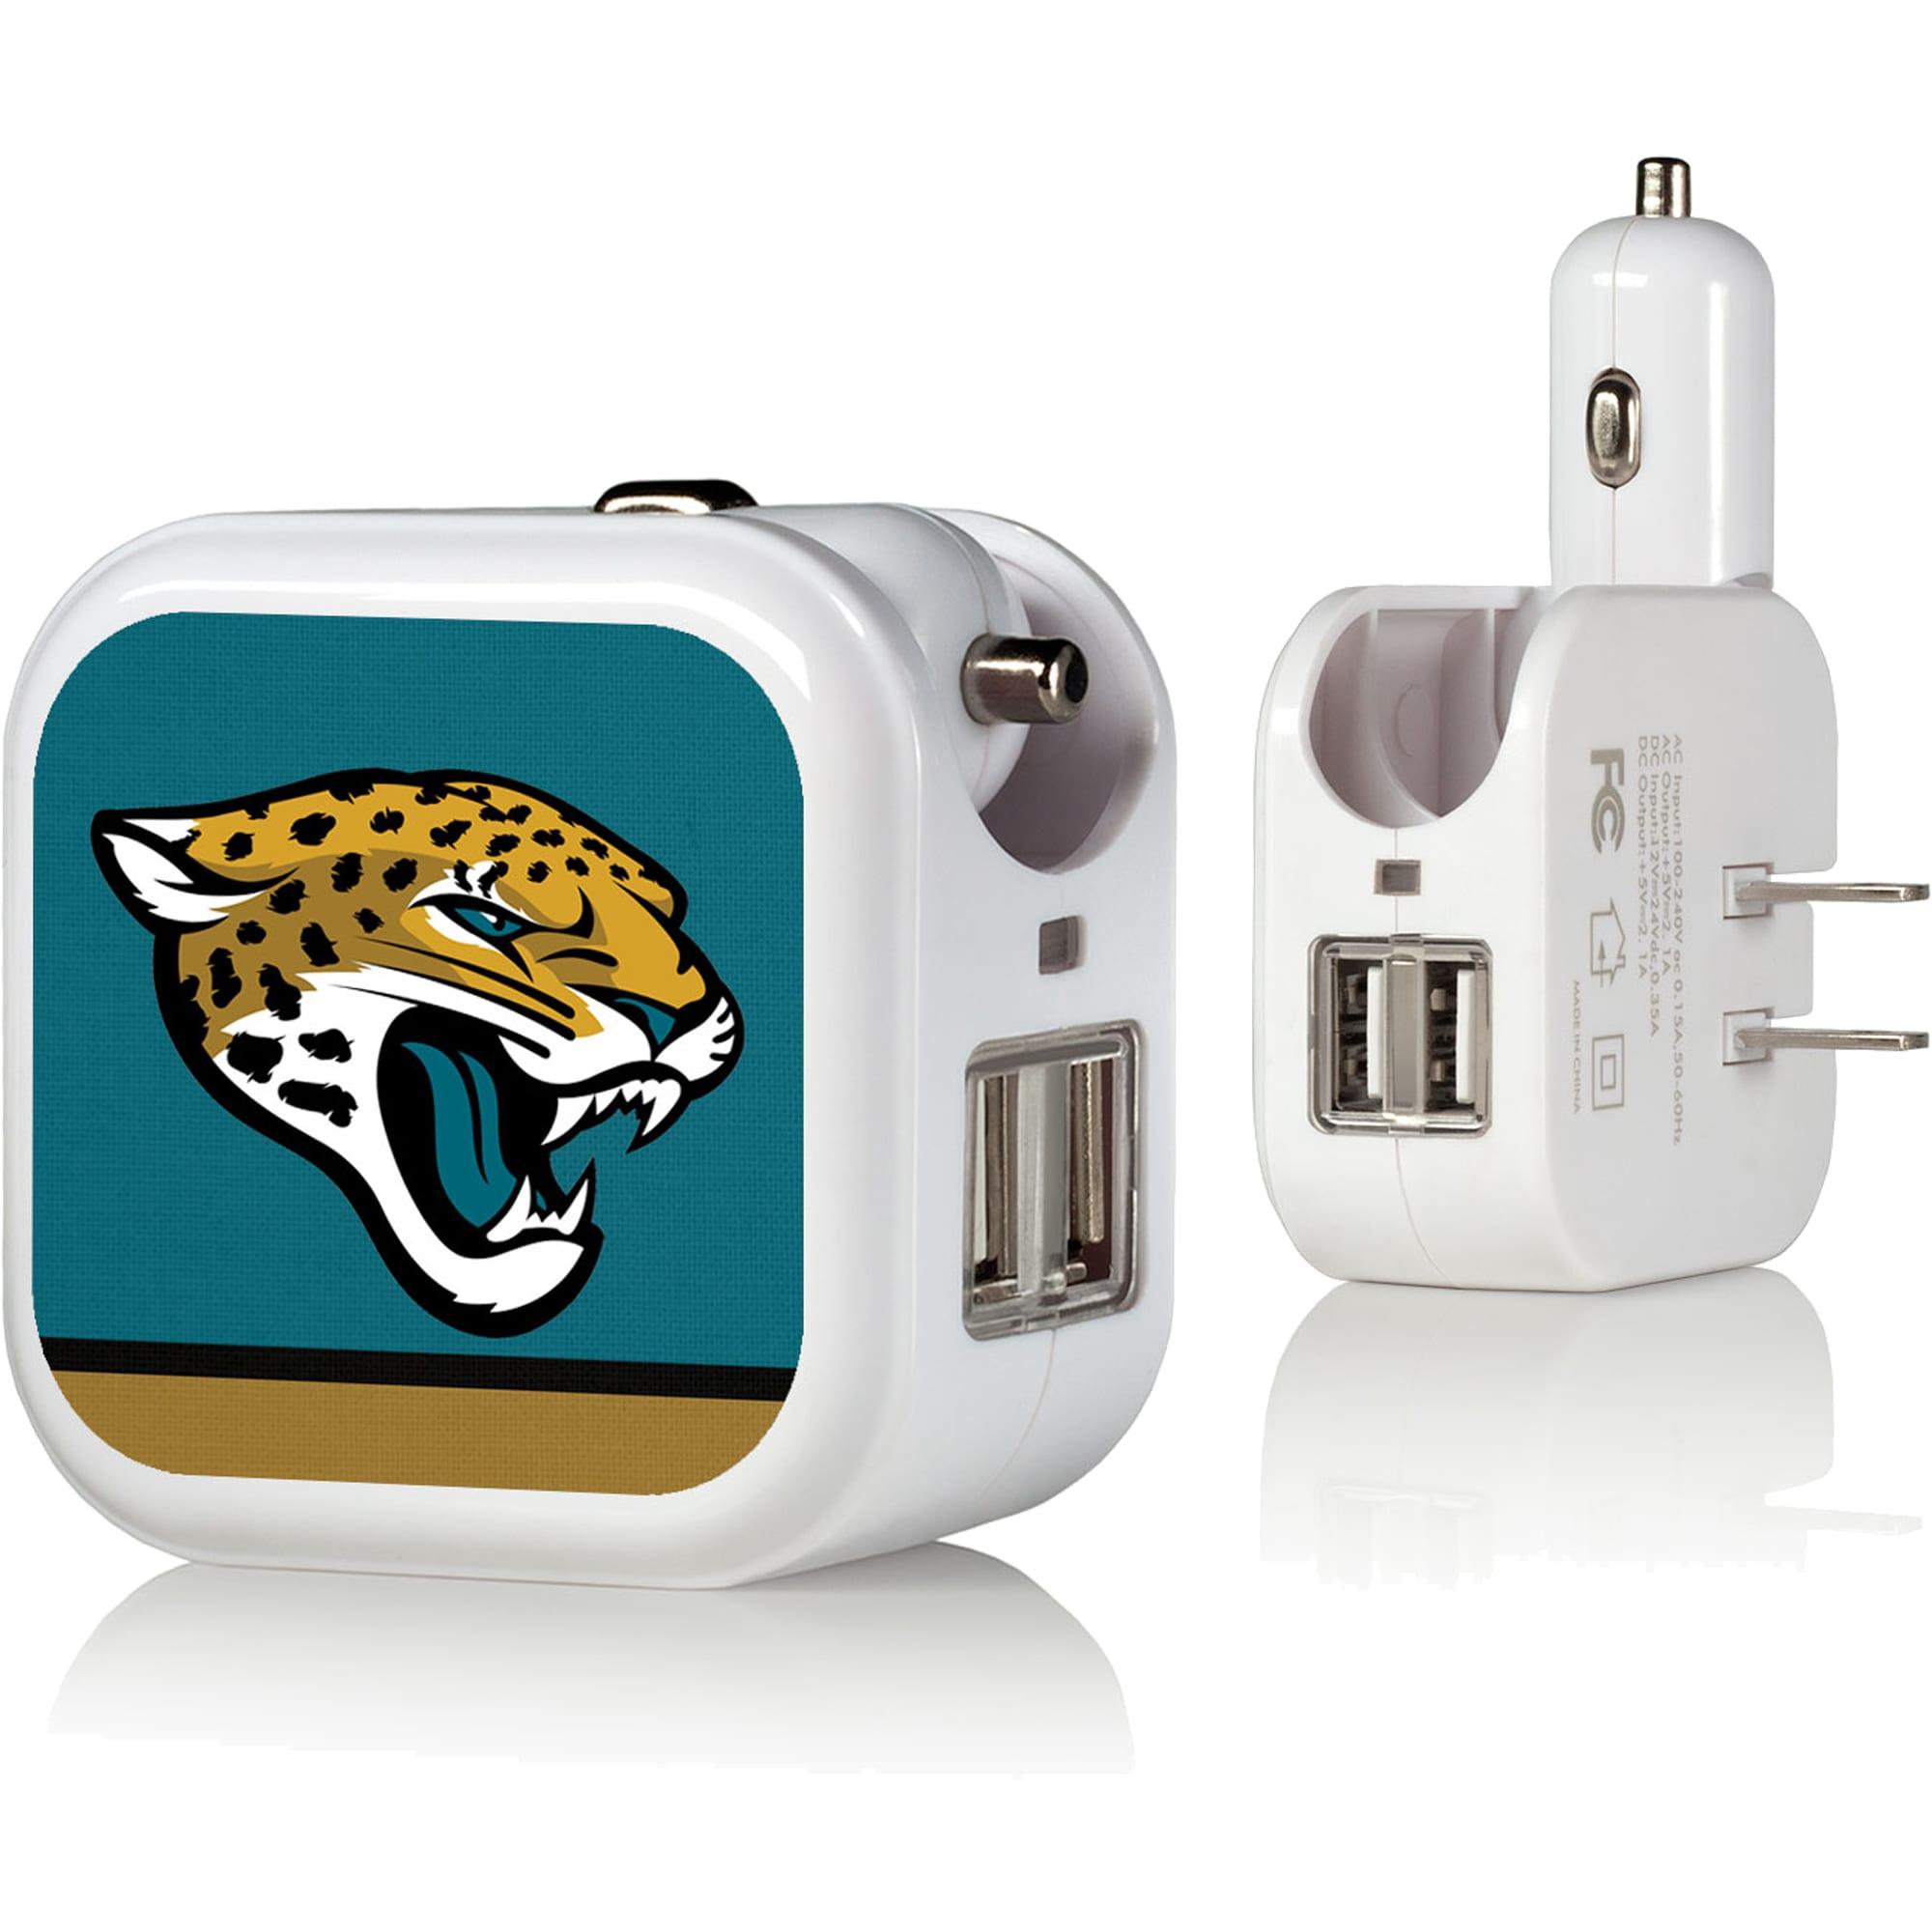 Jacksonville Jaguars USB Charger